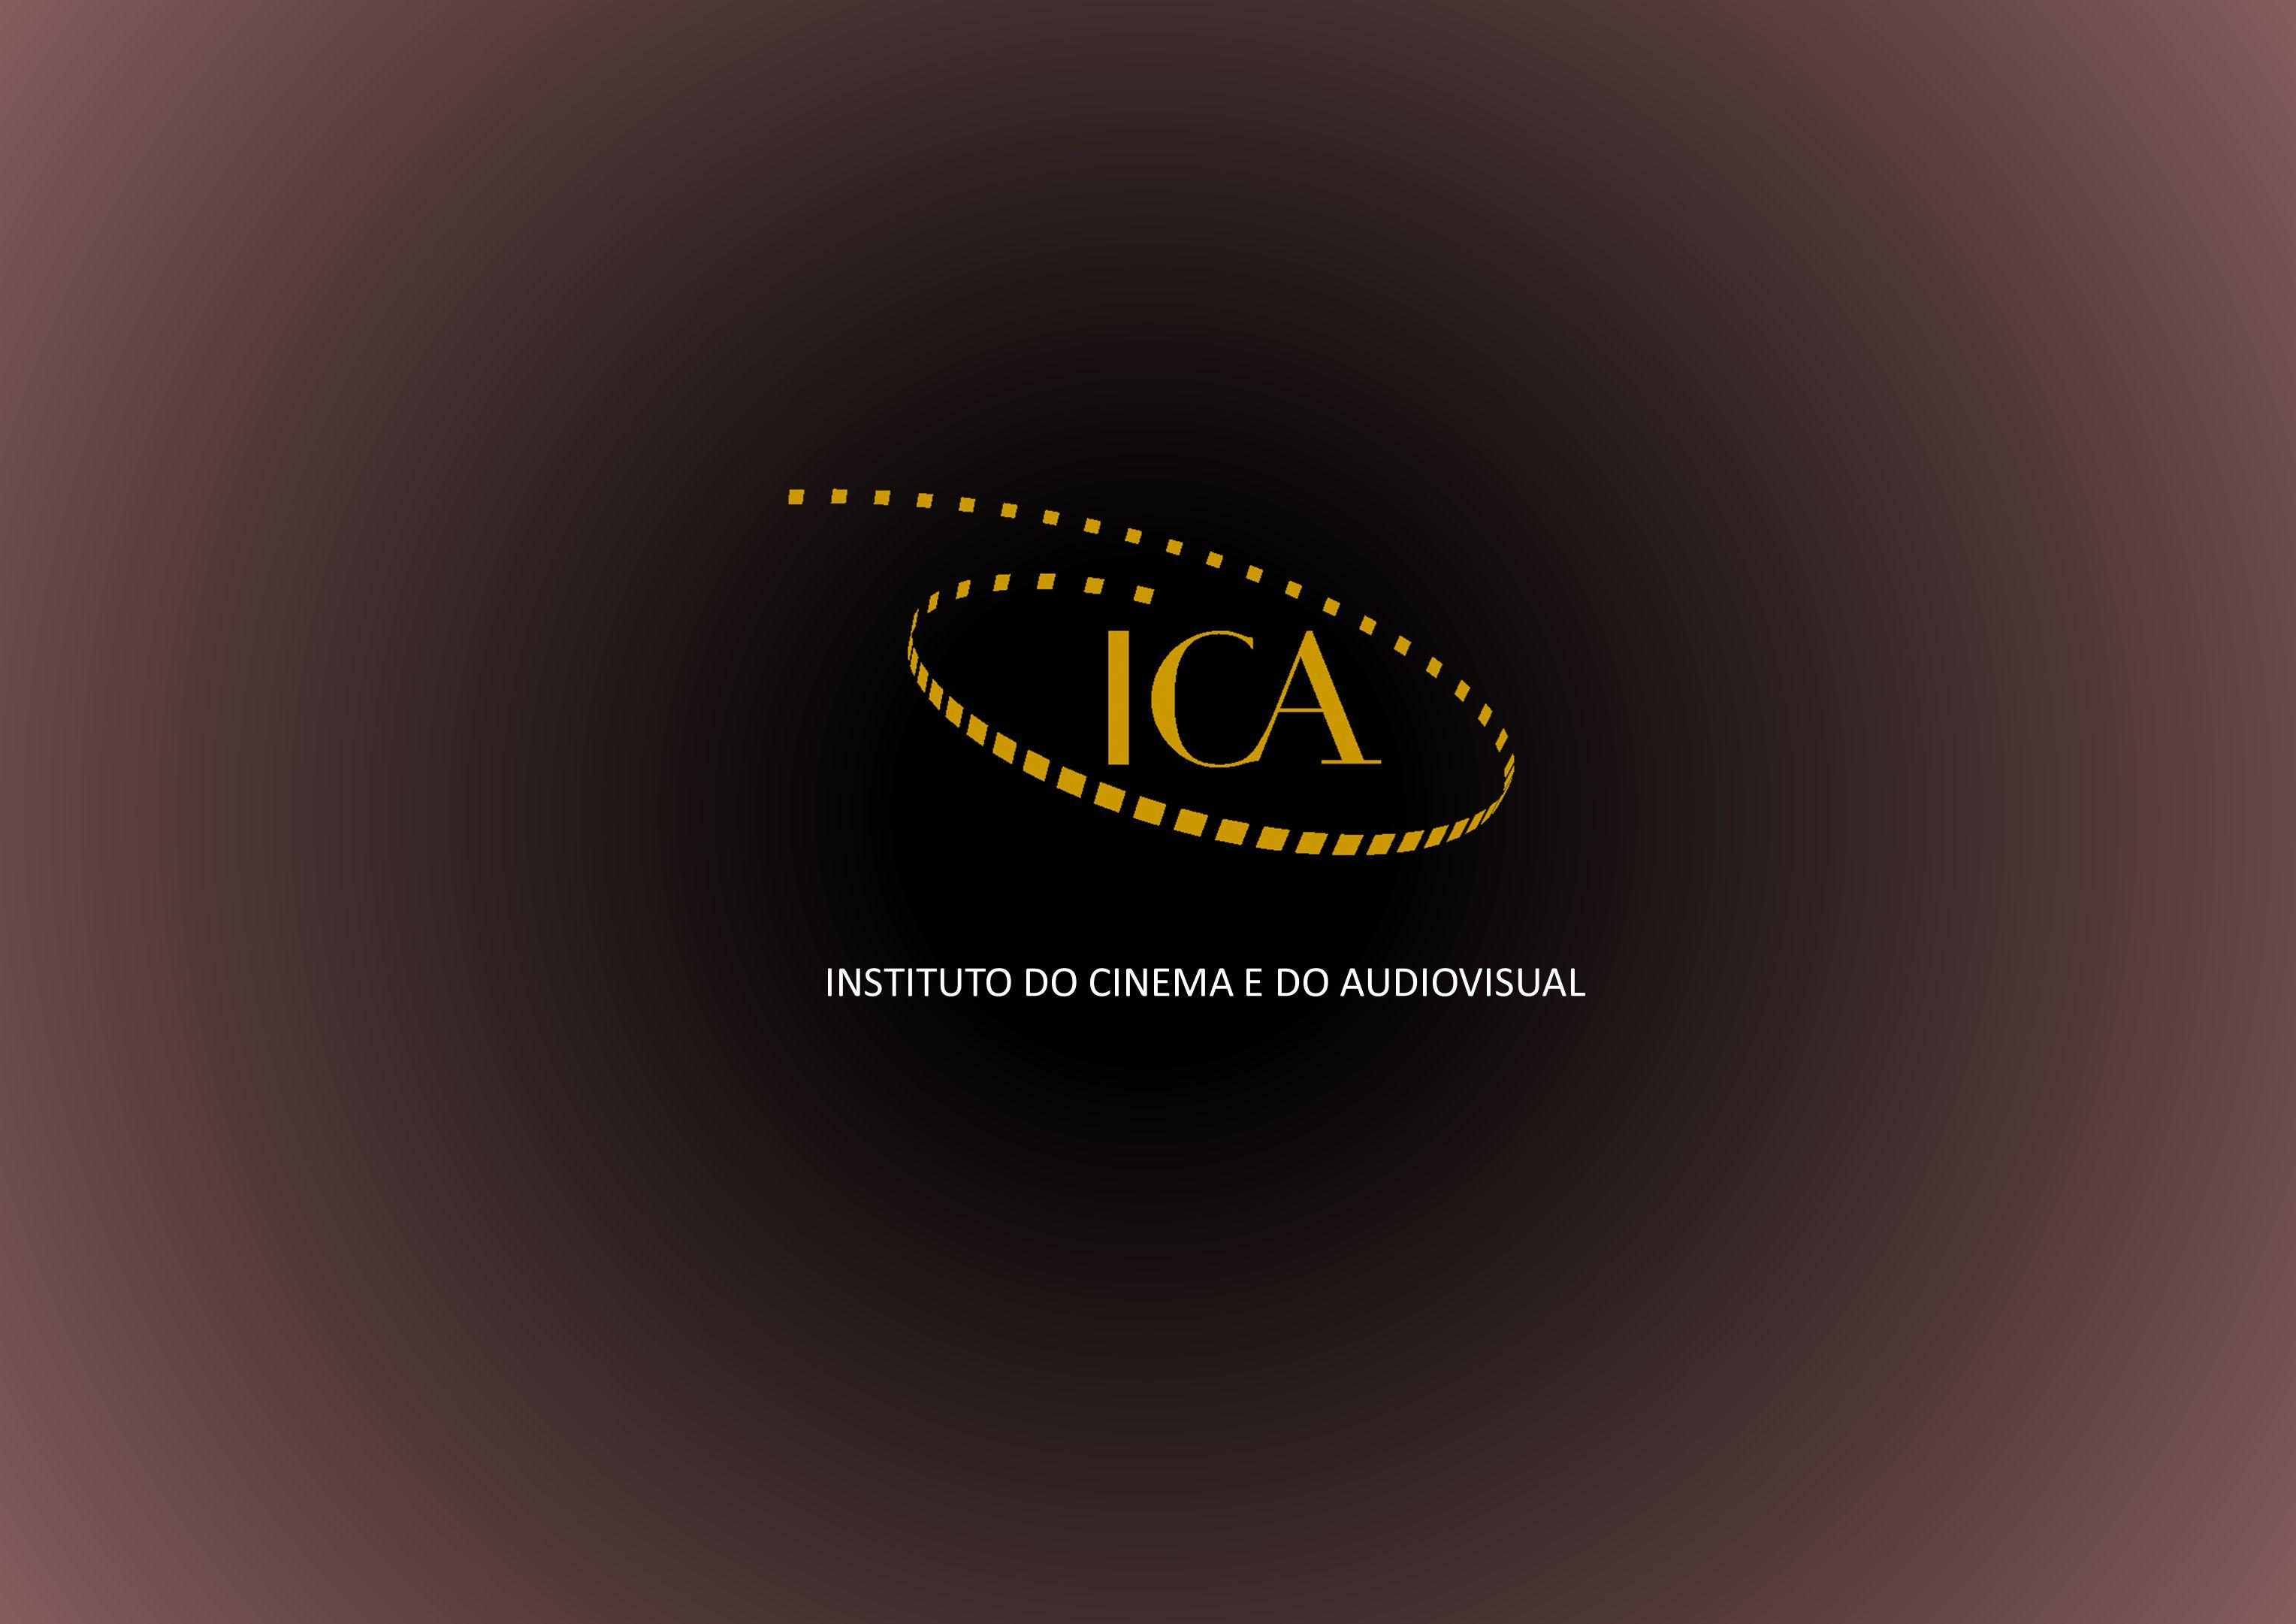 SISTEMAS DE APOIO FINANCEIRO AO CINEMA E AO AUDIOVISUAL PROGRAMAS DE APOIO FINANCEIRO DO ICA FUNDO DE INVESTIMENTO PARA O CINEMA E O AUDIOVISUAL